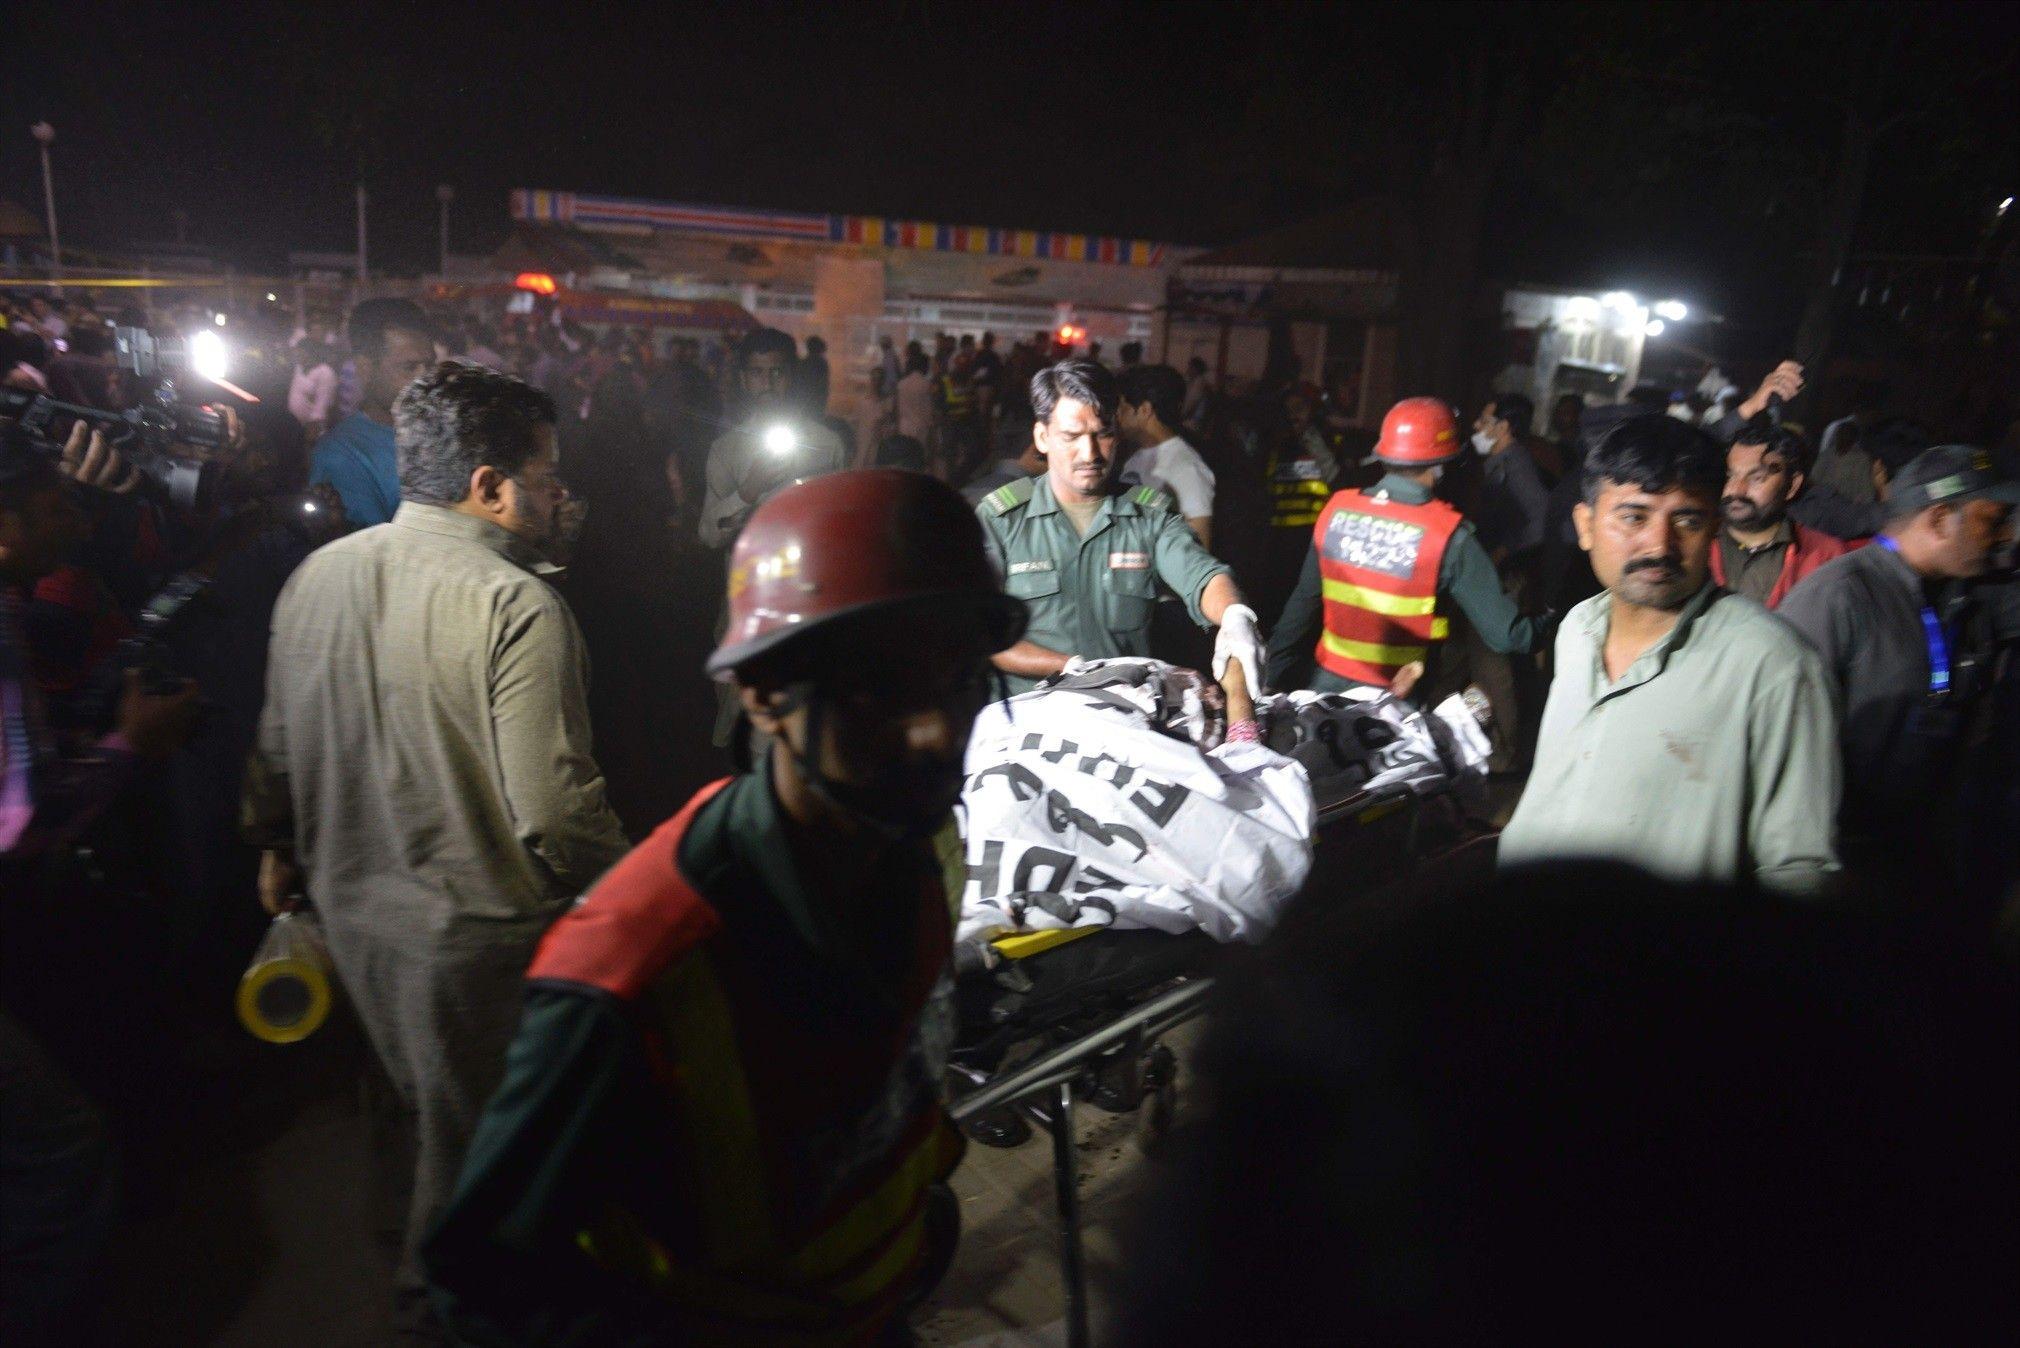 Selvmordsangreb i Pakistan rammer park fyldt med familier  Mindst 65 er dræbt og over 280 er såret søndag aften ved et selvmordsangreb i Lahore, Pakistan, skriver AFP.  27. mar. 2016 kl. 16.57  opdateret 27. mar. 2016 kl. 21.20